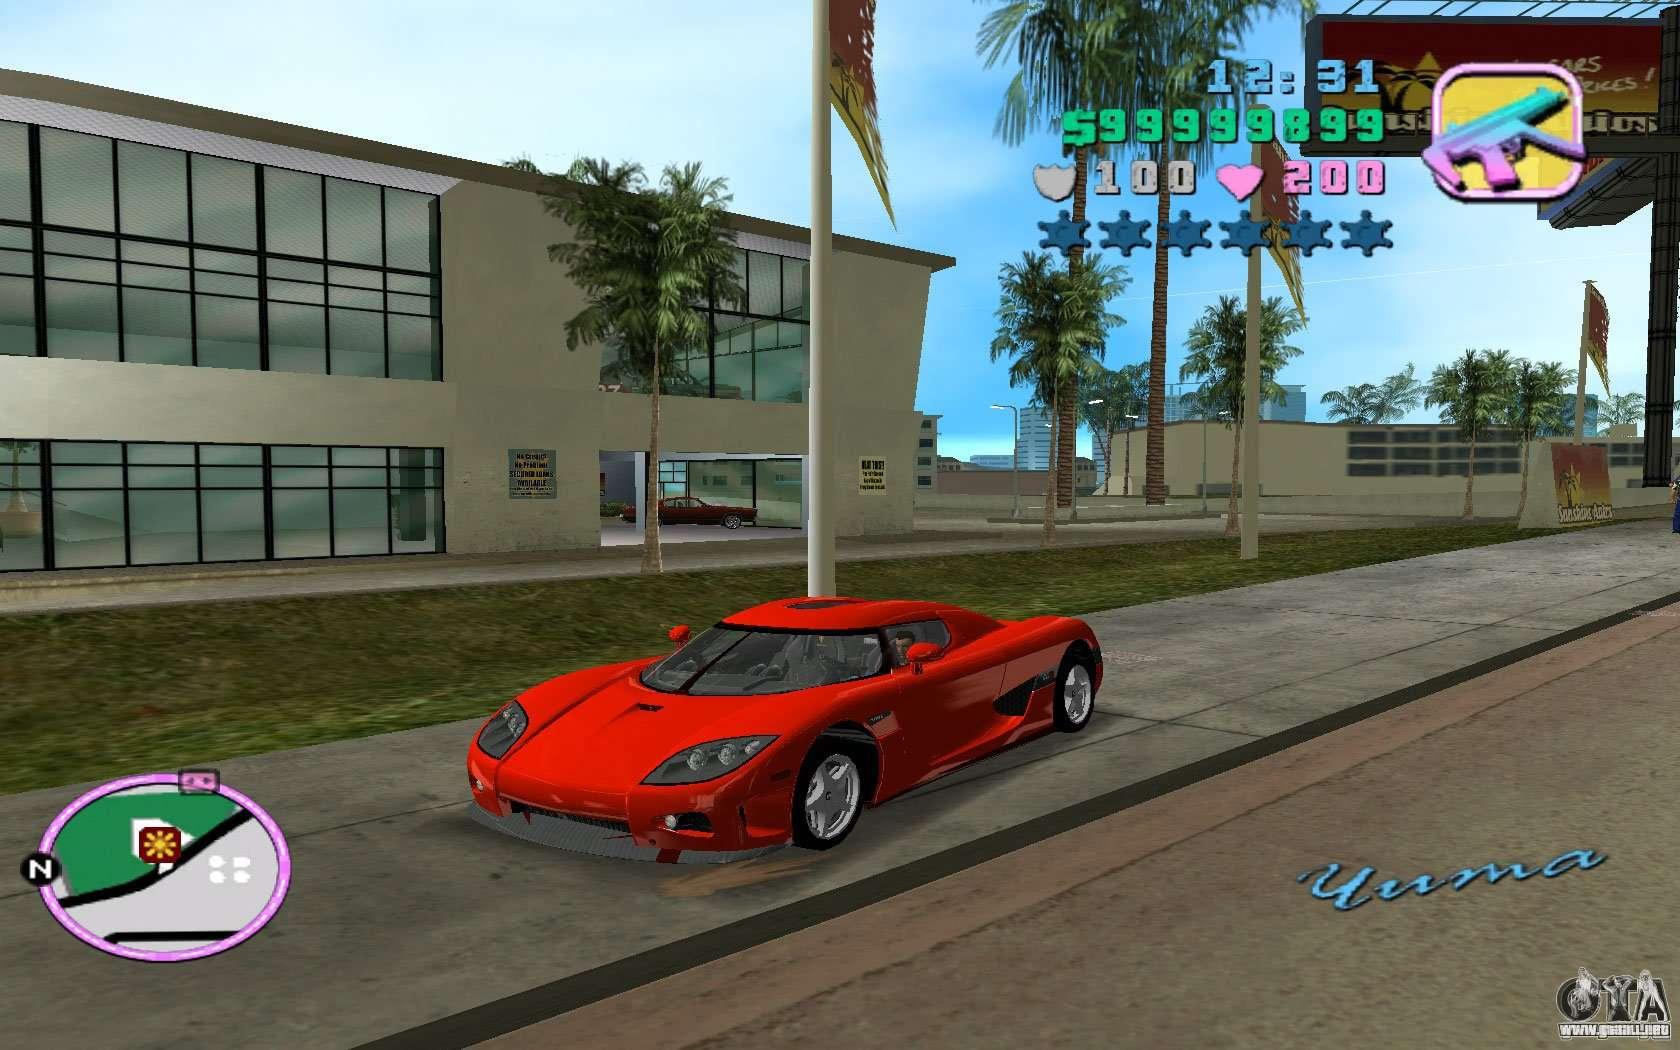 Comet Car In Gta Vice City